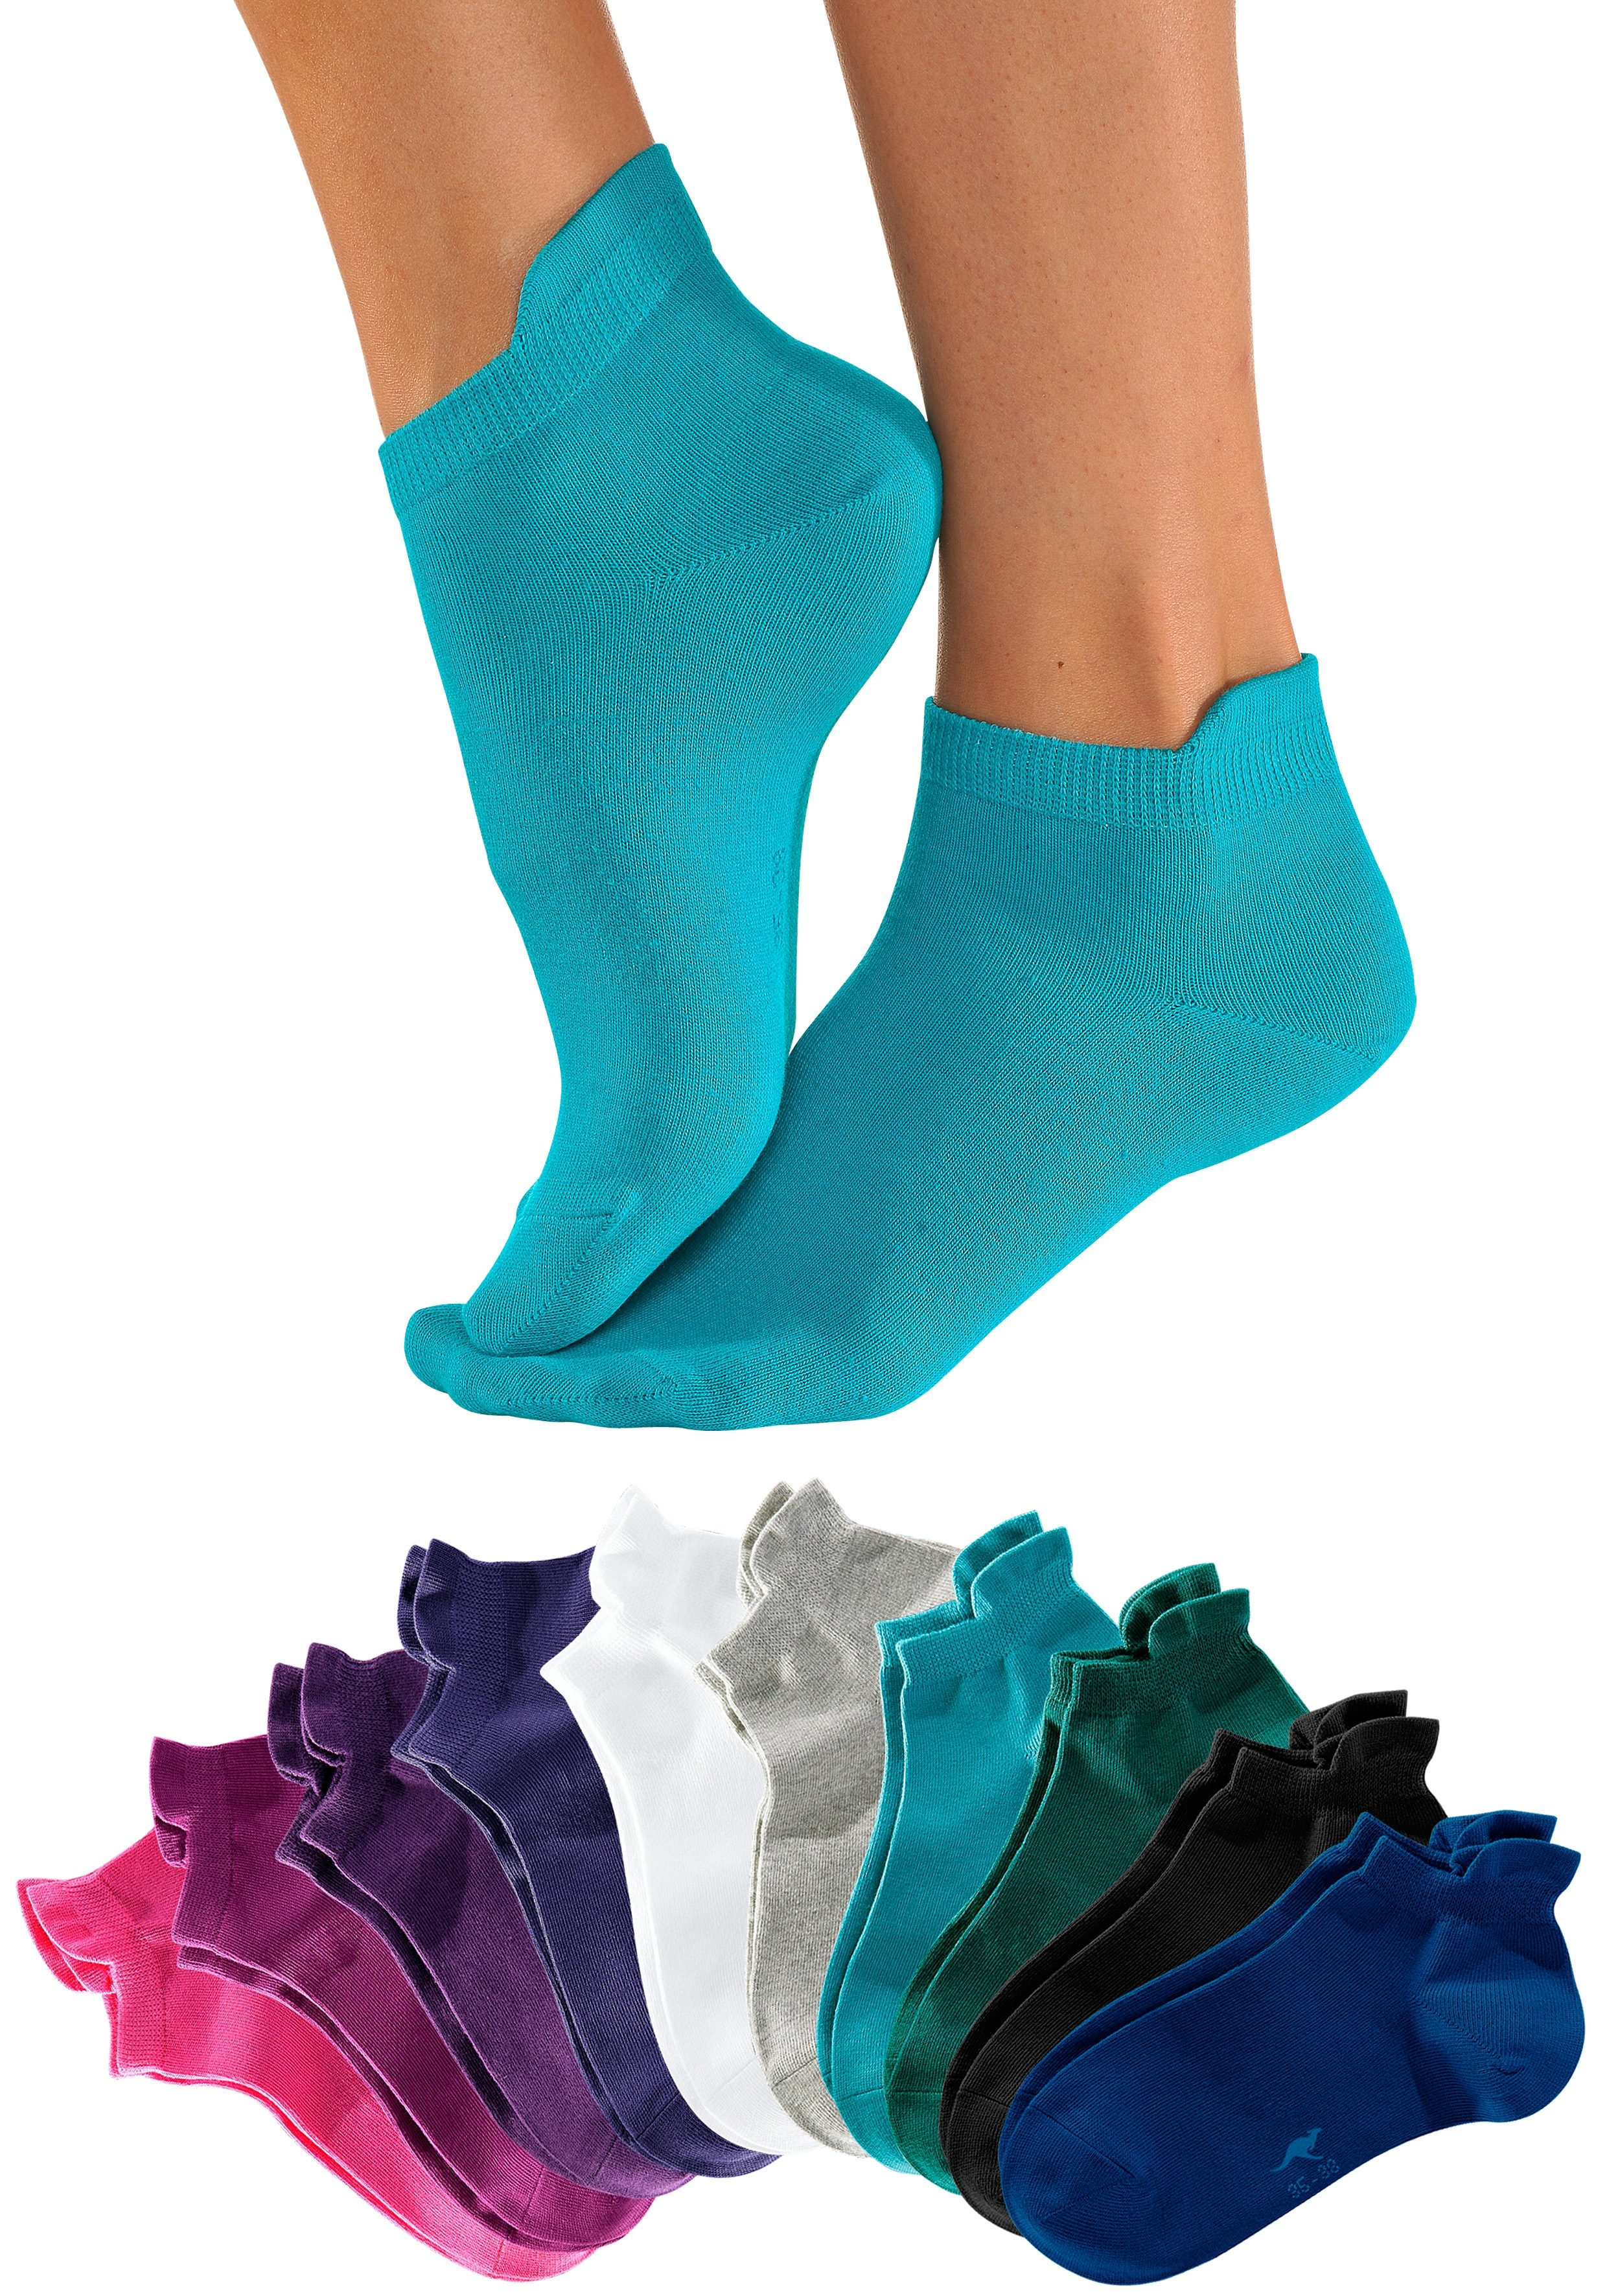 KangaROOS Sneakersocken (10 Paar) mit erhöhtem Bündchen